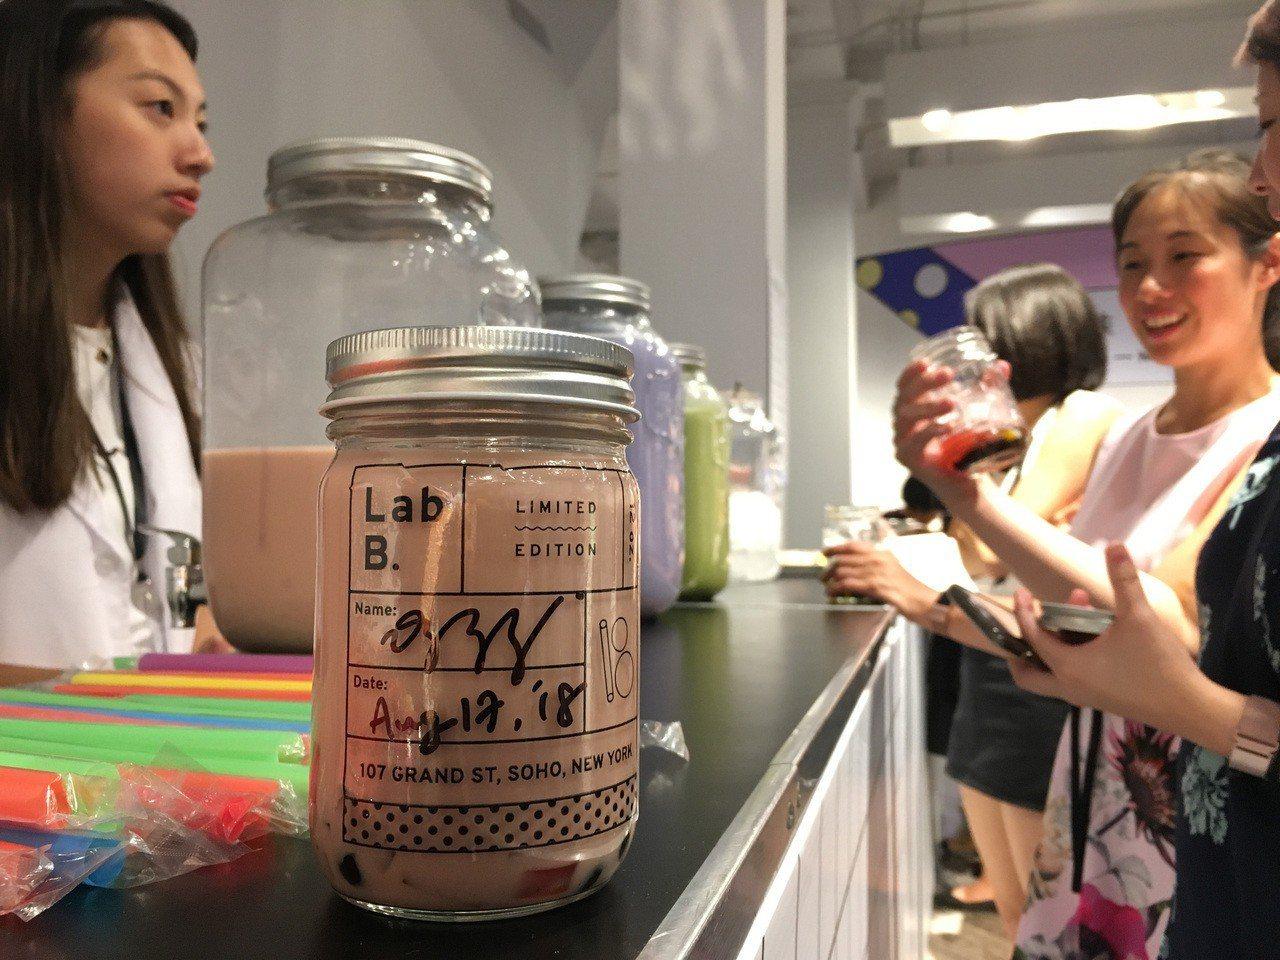 紐約第2屆台灣珍奶藝術節17日登場,設計師從實驗室概念出發,讓訪客從選料、加冰塊...